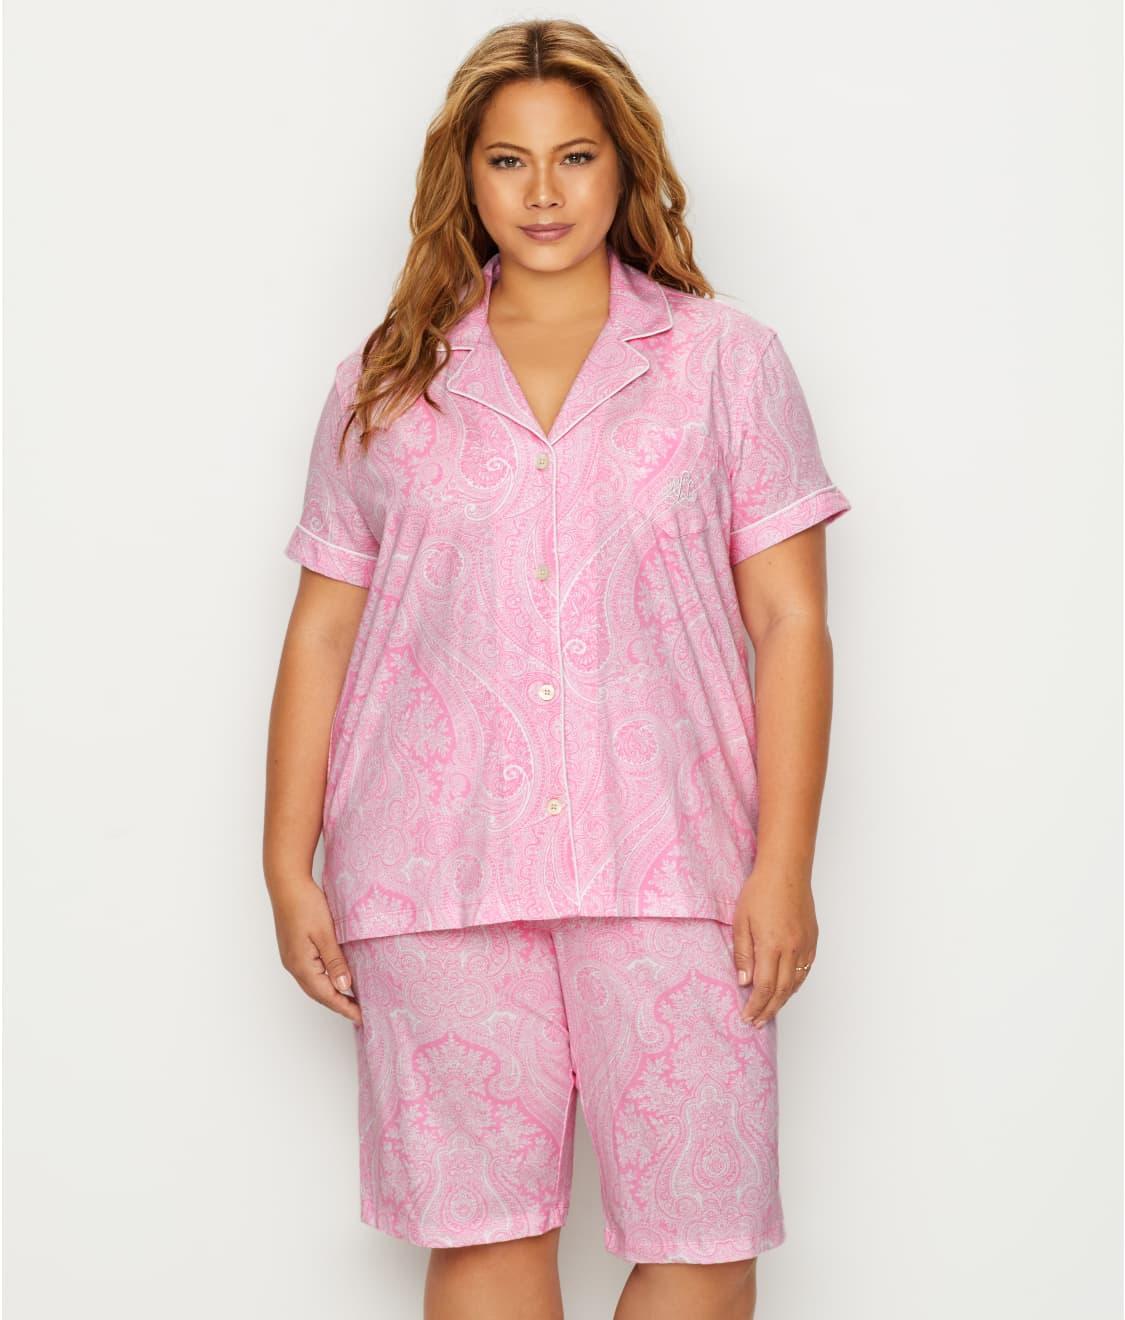 31774cd9 Plus Size Cotton Bermuda Pajama Set